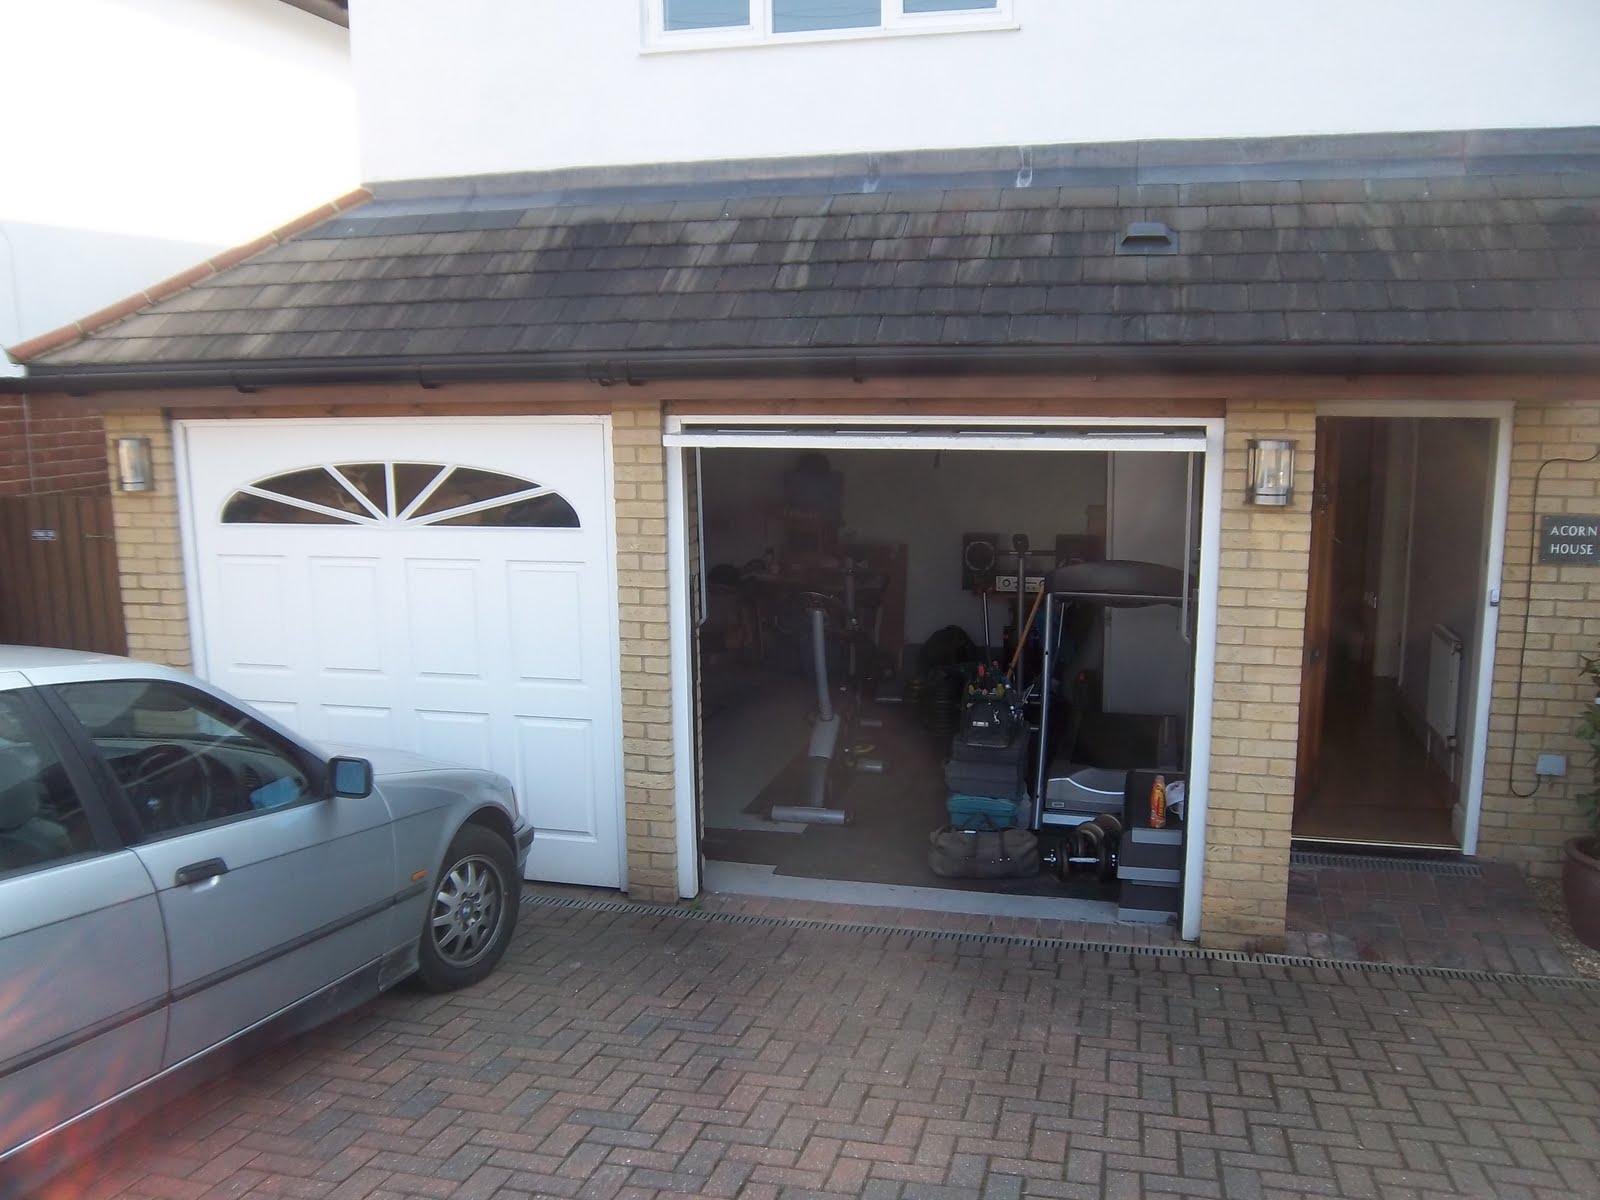 Garage conversion studio joy design gallery